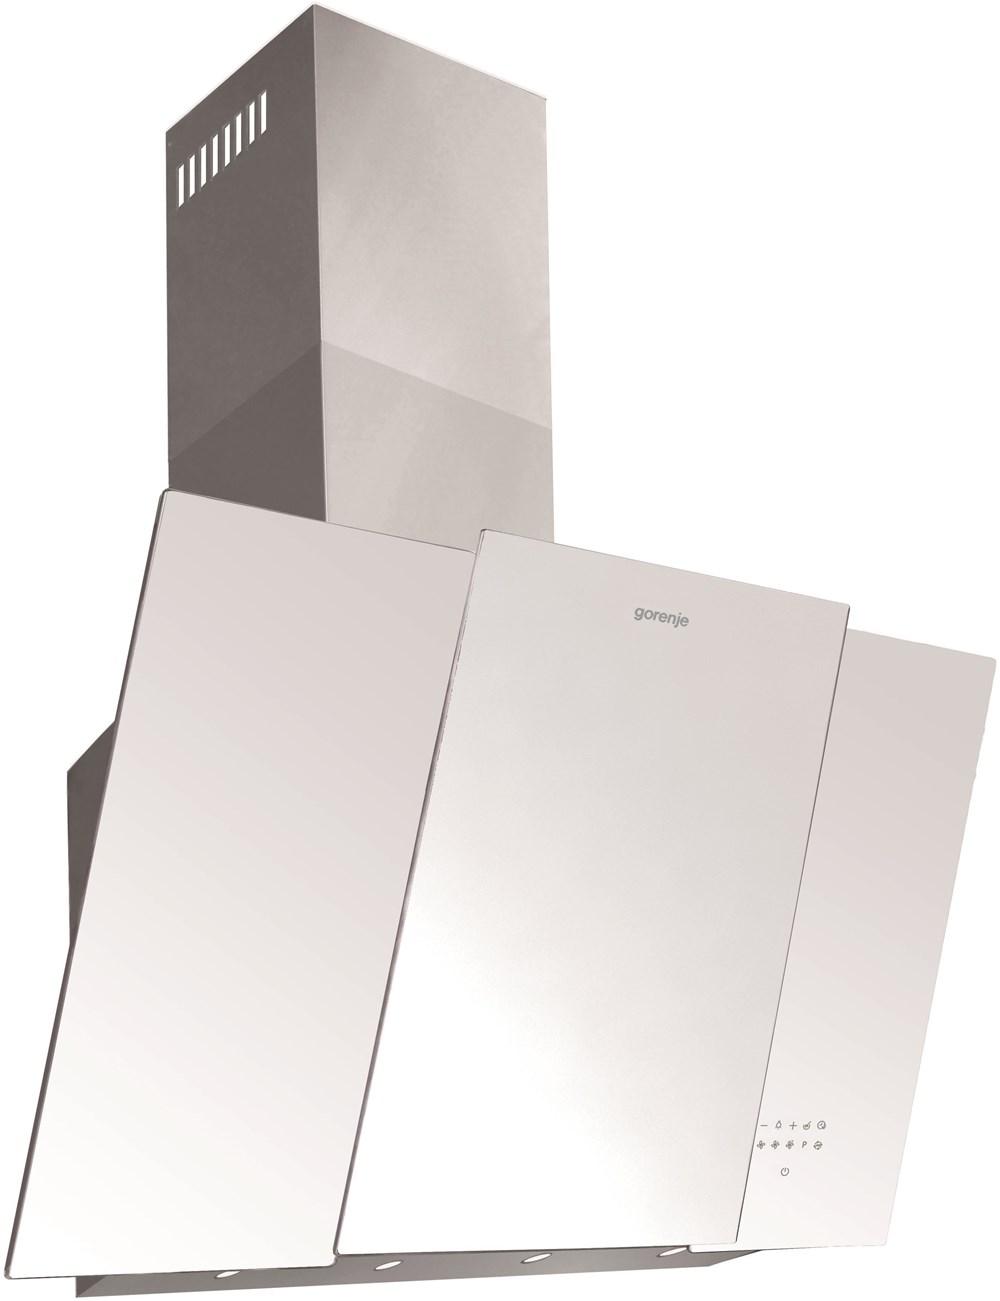 Gorenje DVG 8565 W (EEK: B) - Preisvergleich